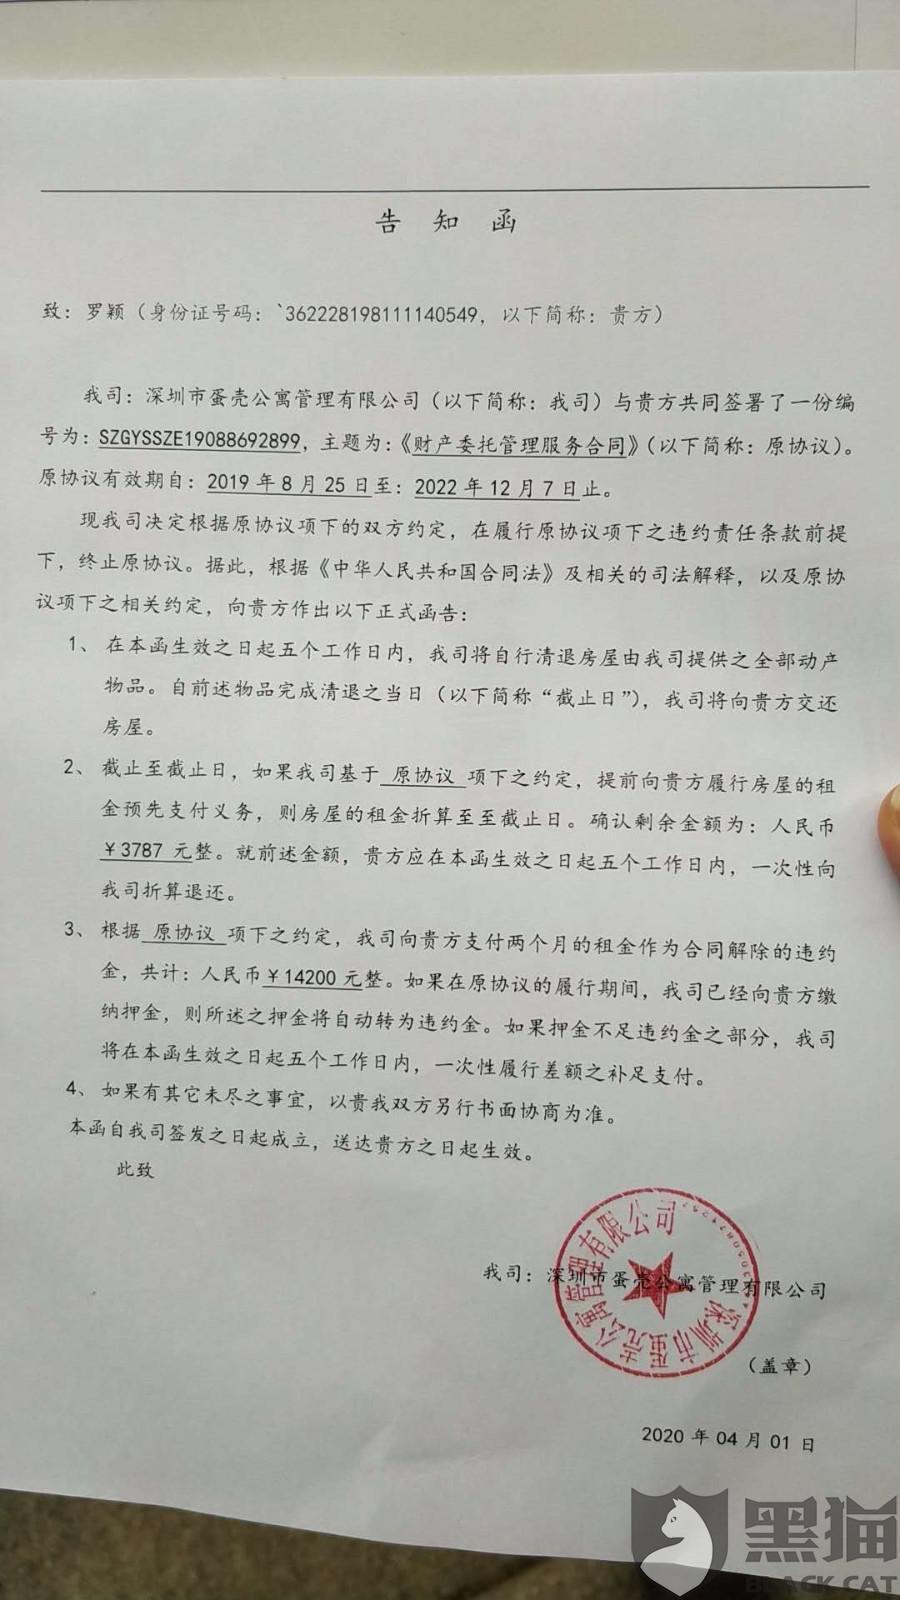 黑猫投诉:深圳市蛋壳公寓管理有限公司单方强制提前解除房屋租赁合同造成的损失不予赔偿